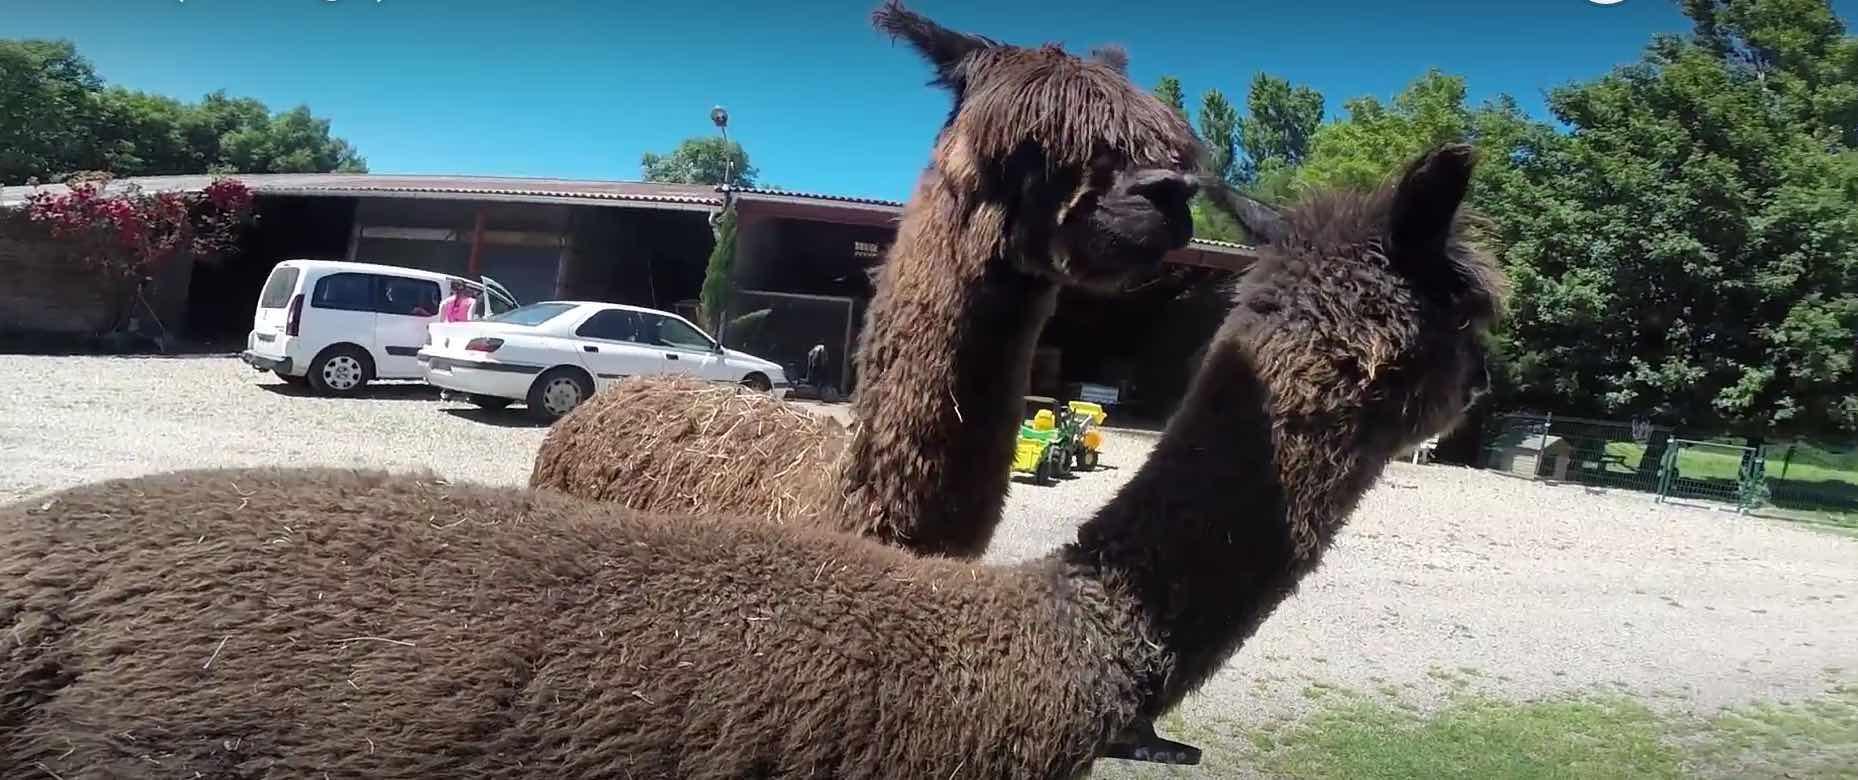 Balade à moto et visite d'un élevage – Vlog#29